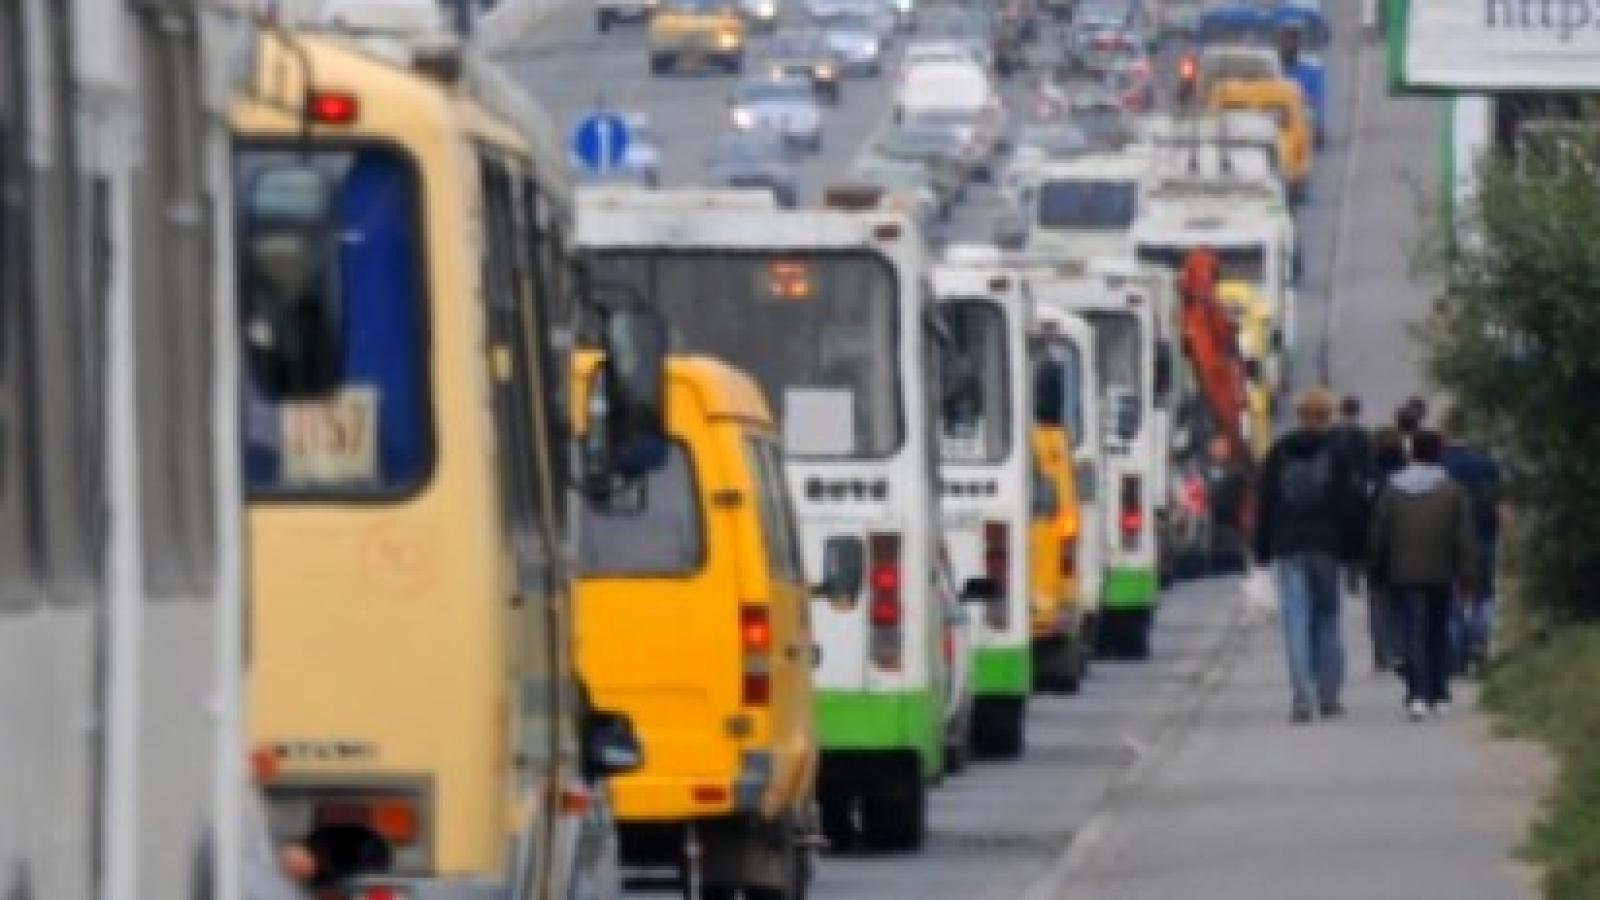 Автобусам выделили полосу — и они встали